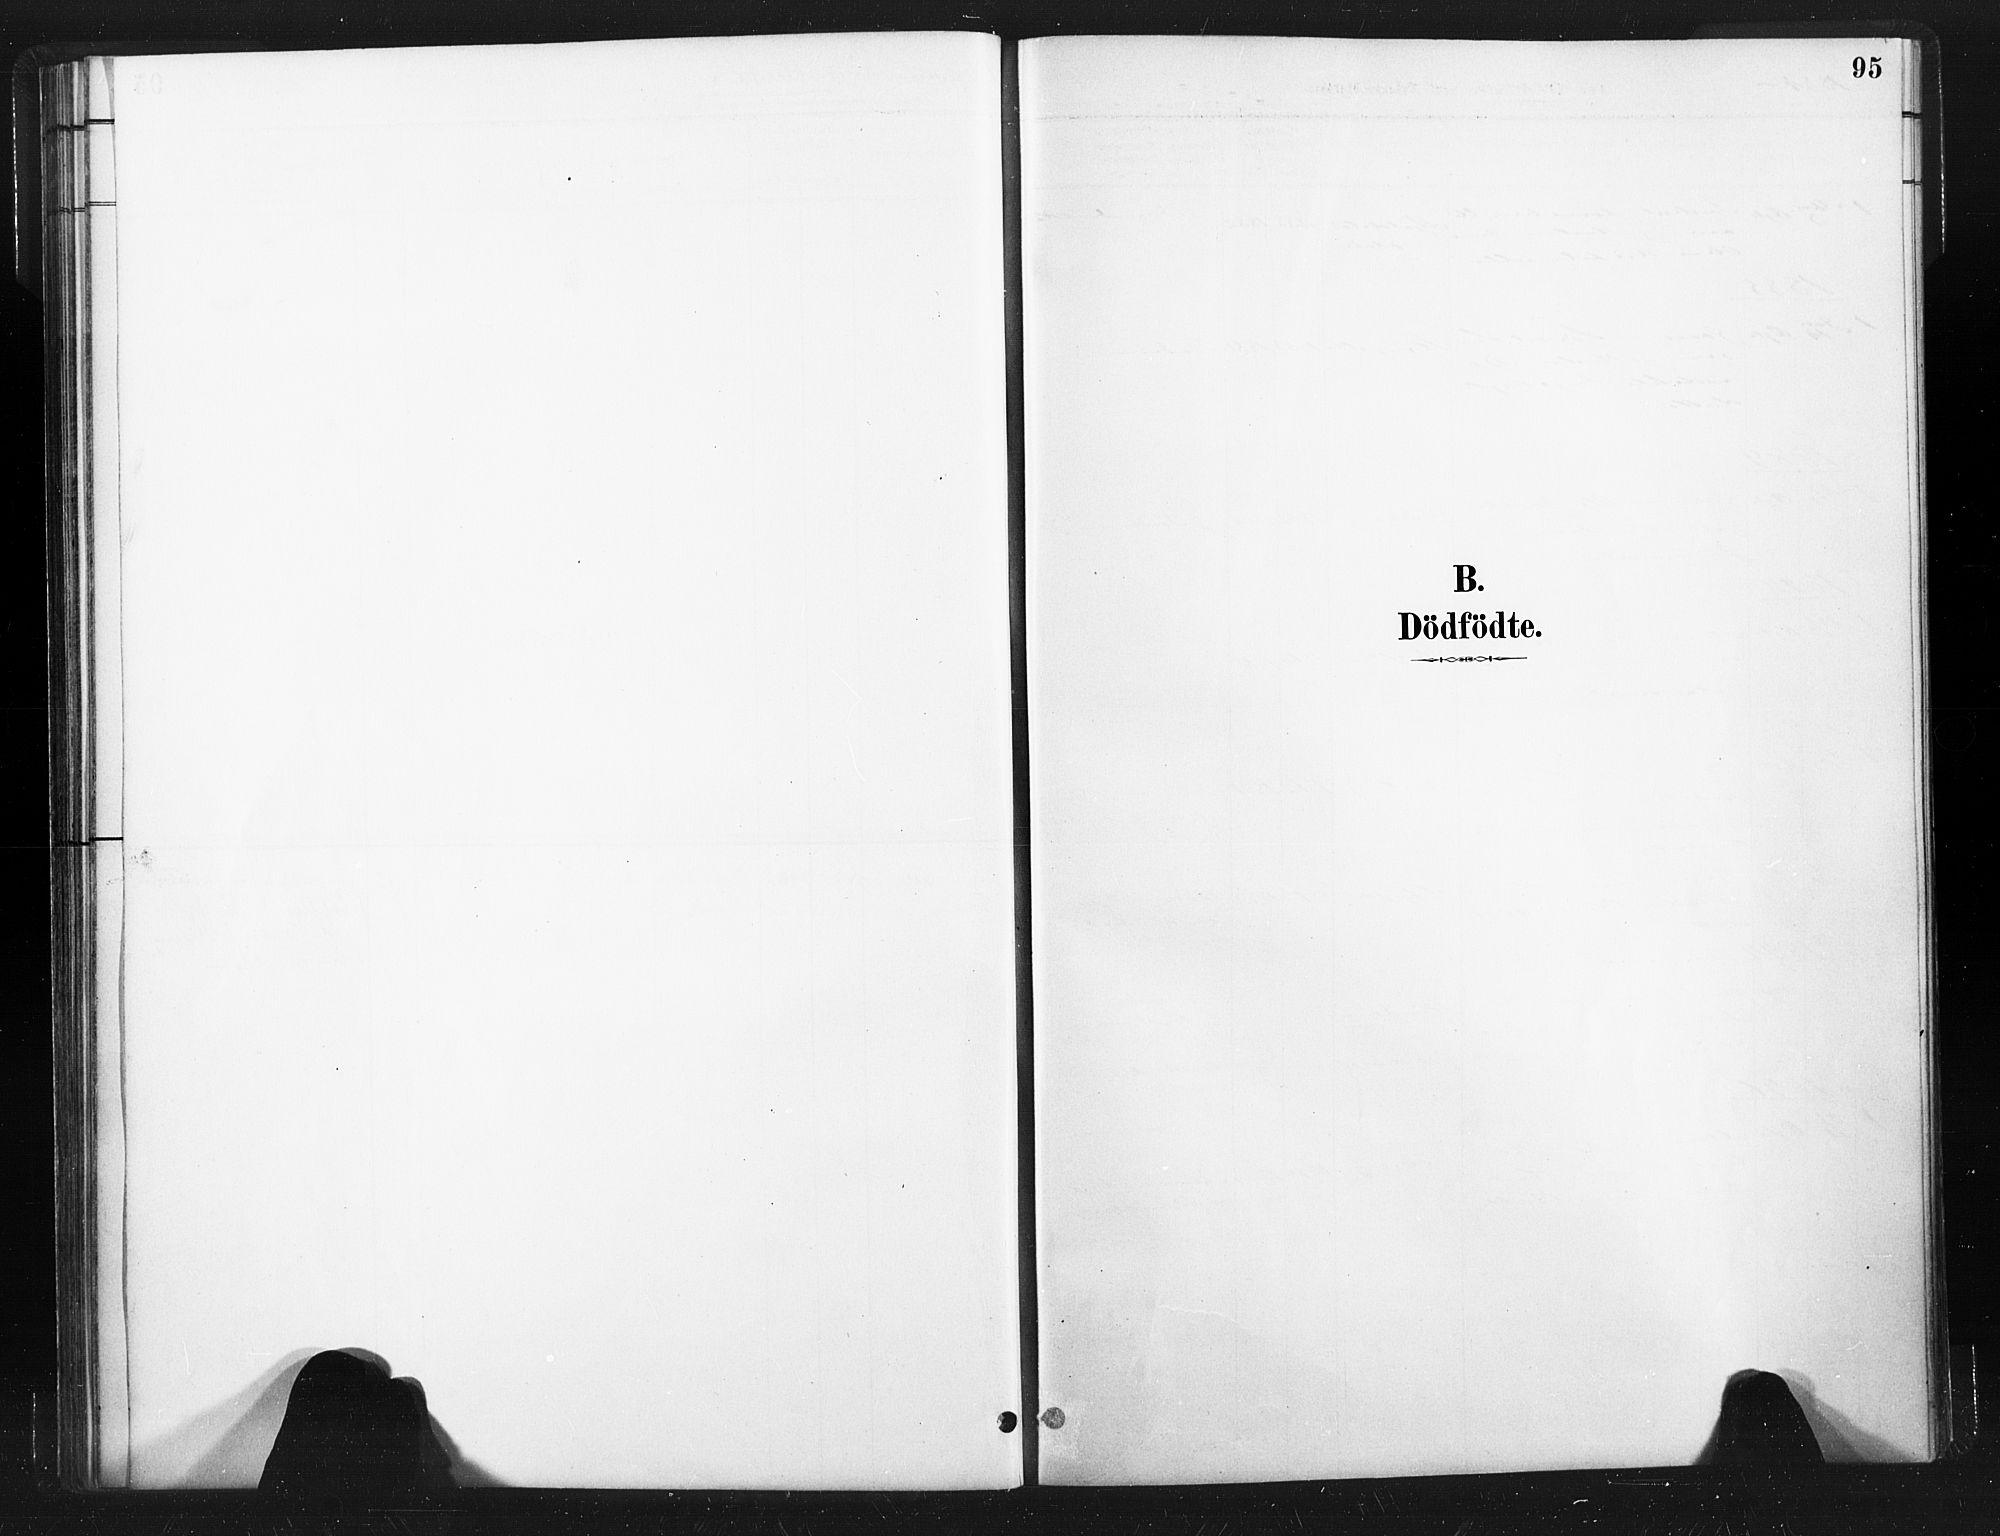 SAT, Ministerialprotokoller, klokkerbøker og fødselsregistre - Nord-Trøndelag, 736/L0361: Ministerialbok nr. 736A01, 1884-1906, s. 95